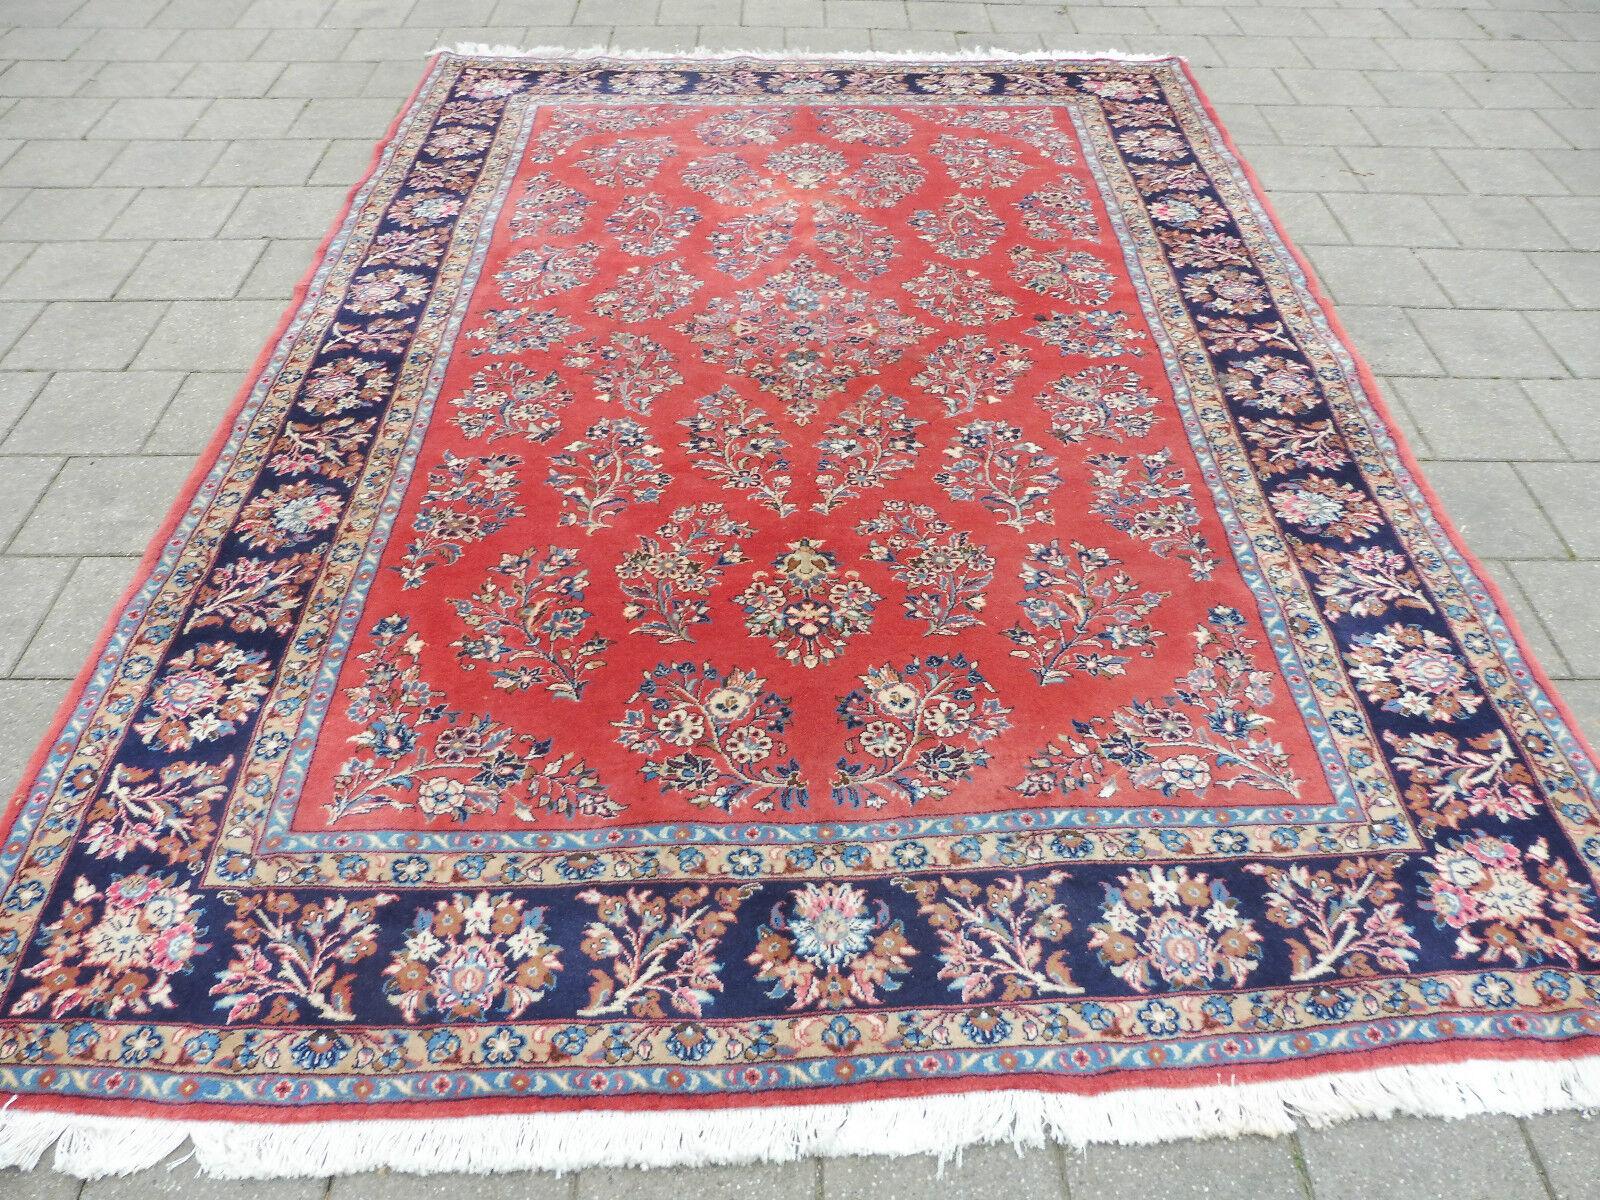 Belle, Vieux Tapis Tapis Vieux Oriental__285cm X 210cm ___ Signé 6d6207